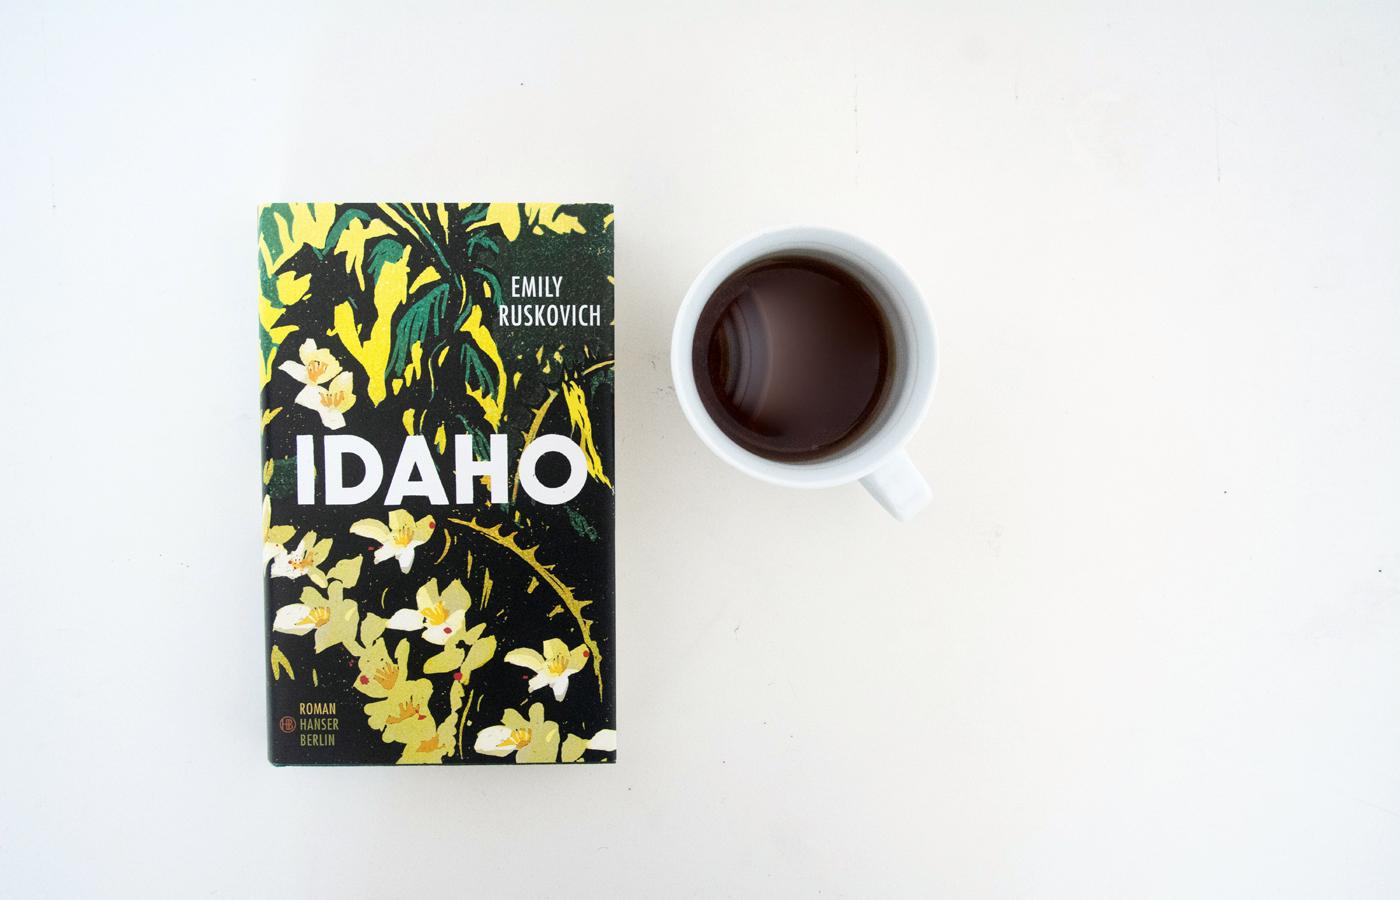 Herzensbücher #7: »Idaho« von Emily Ruskovich